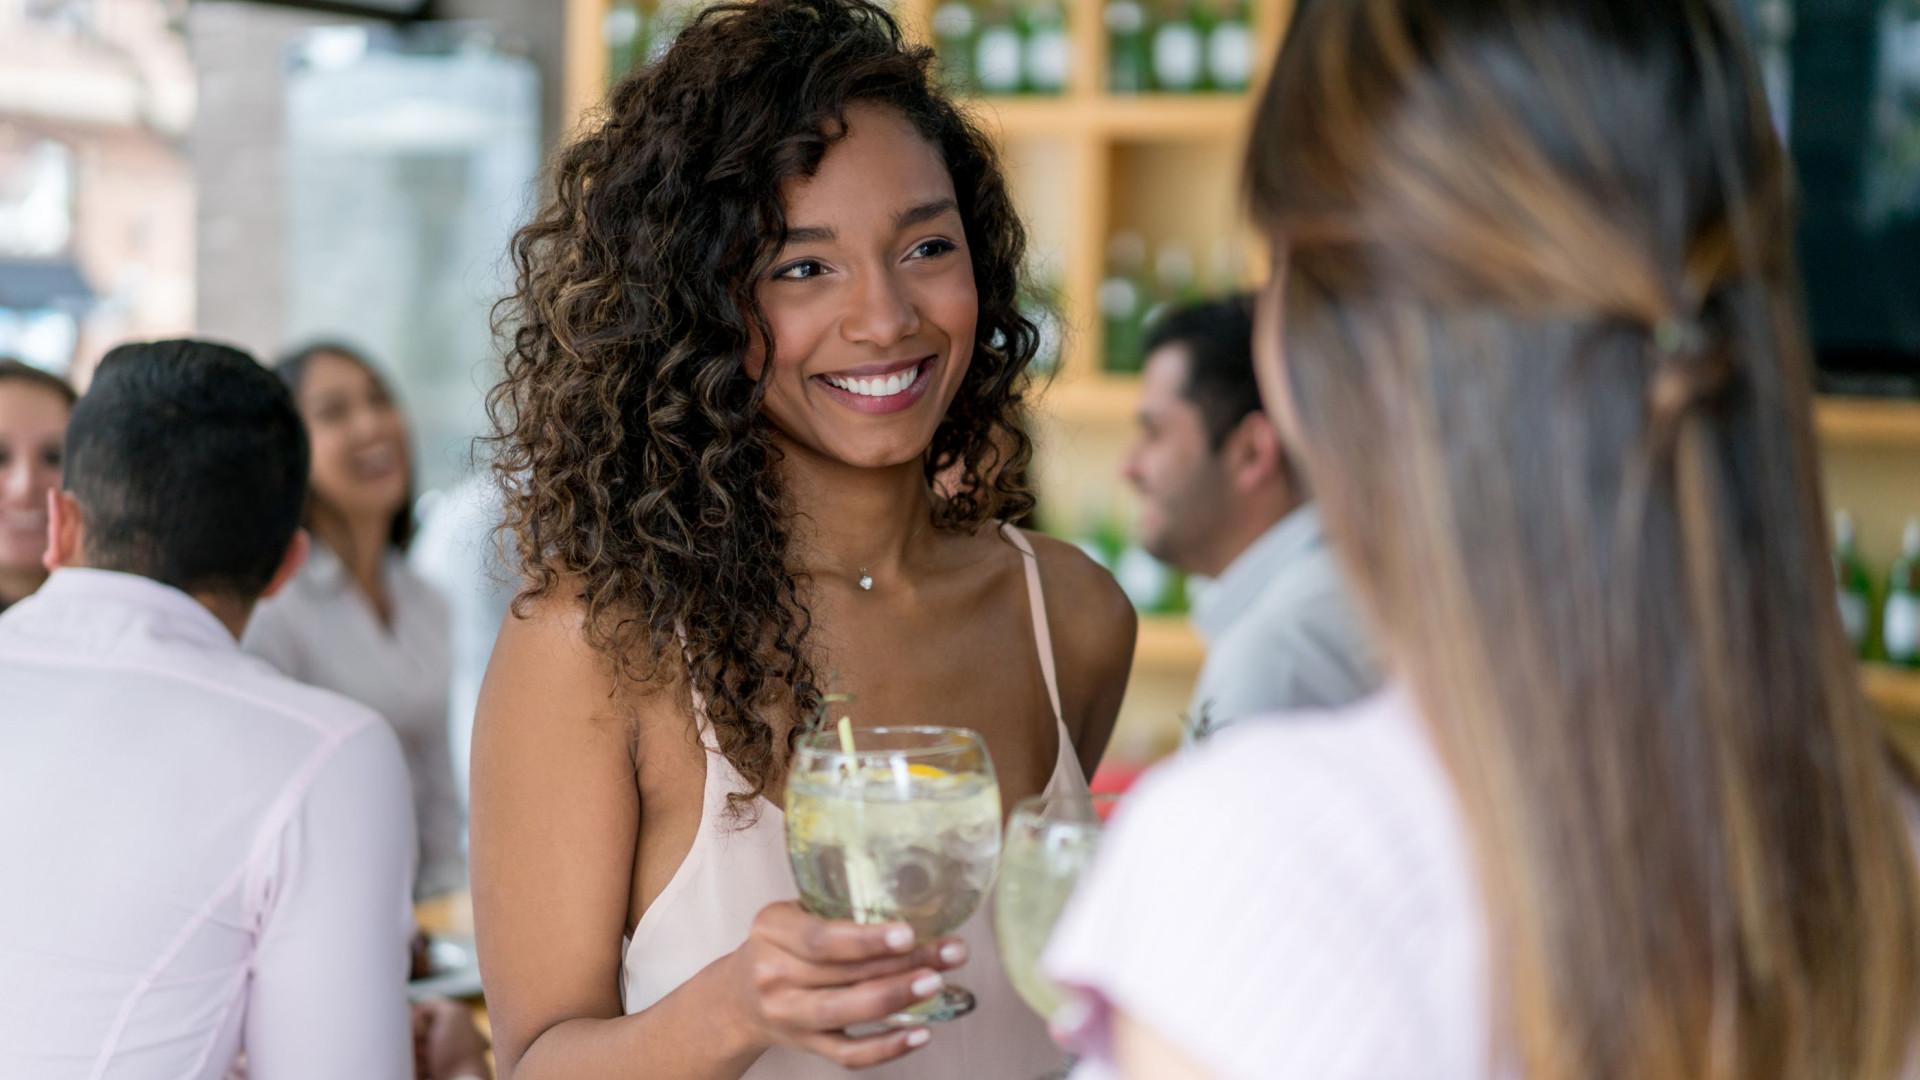 Afinal, por quanto tempo permanece o álcool no organismo?